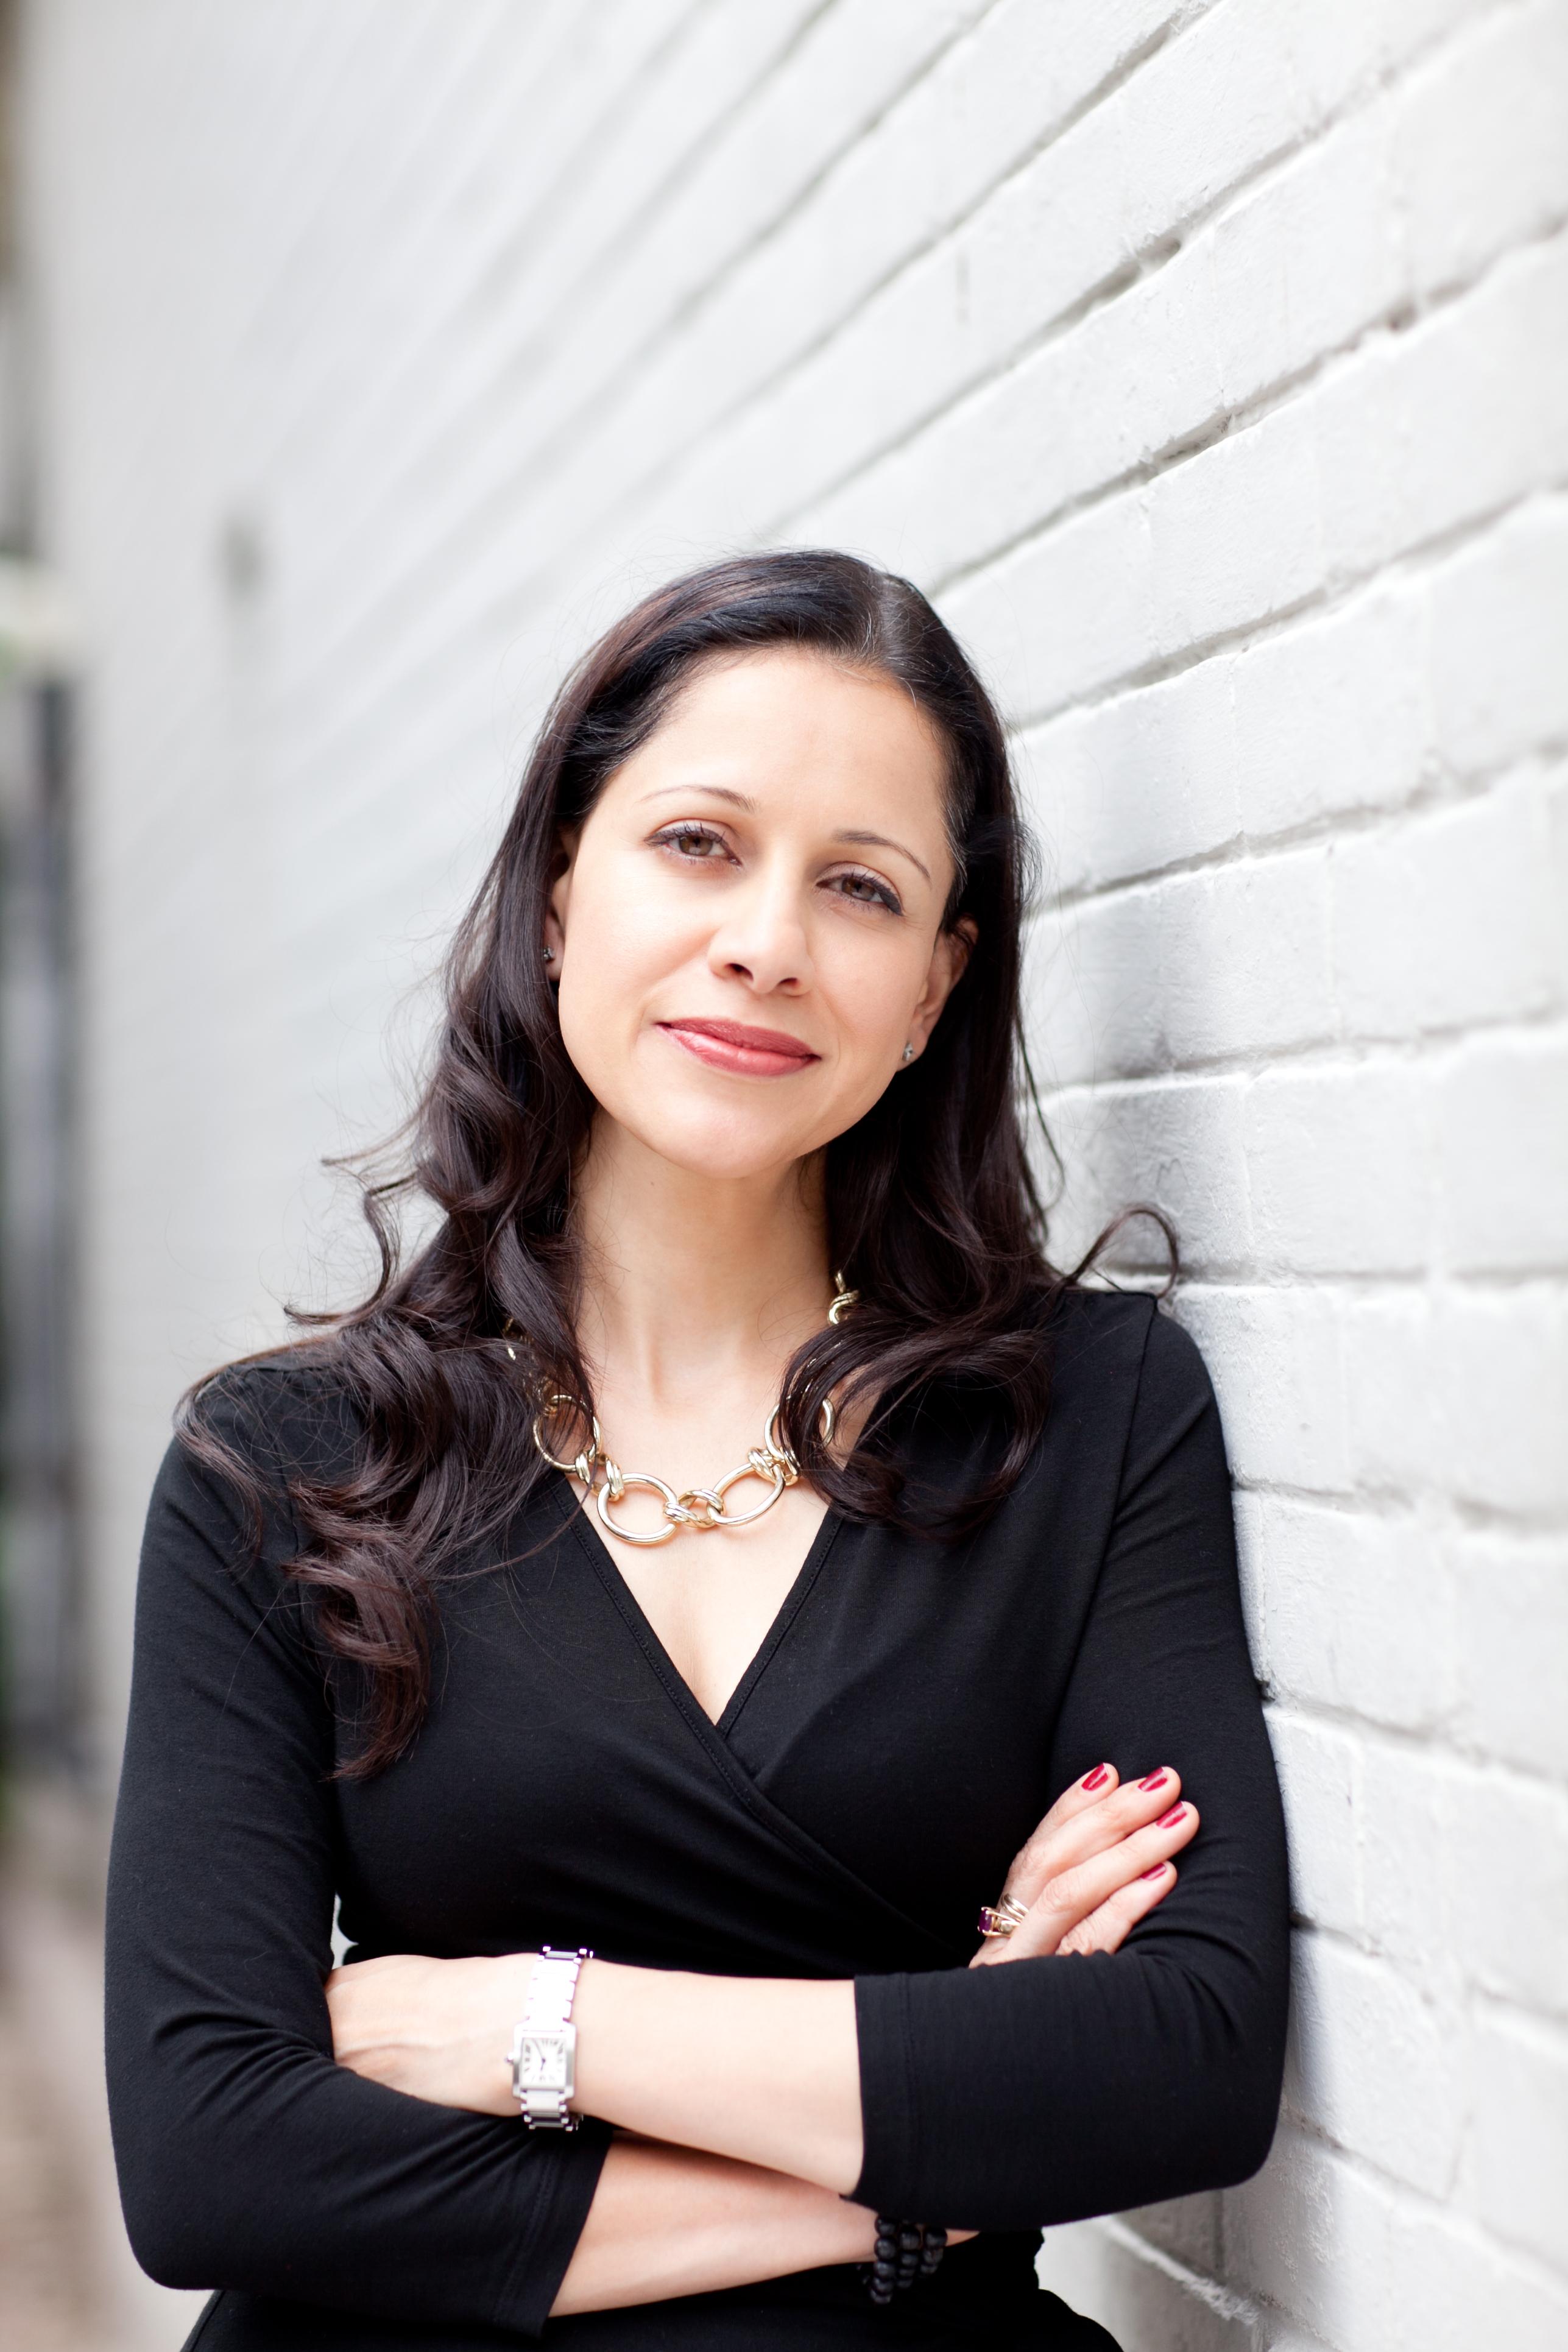 #WIBN Speaker Spotlight: Reva Seth from The MomShift @RevaSeth